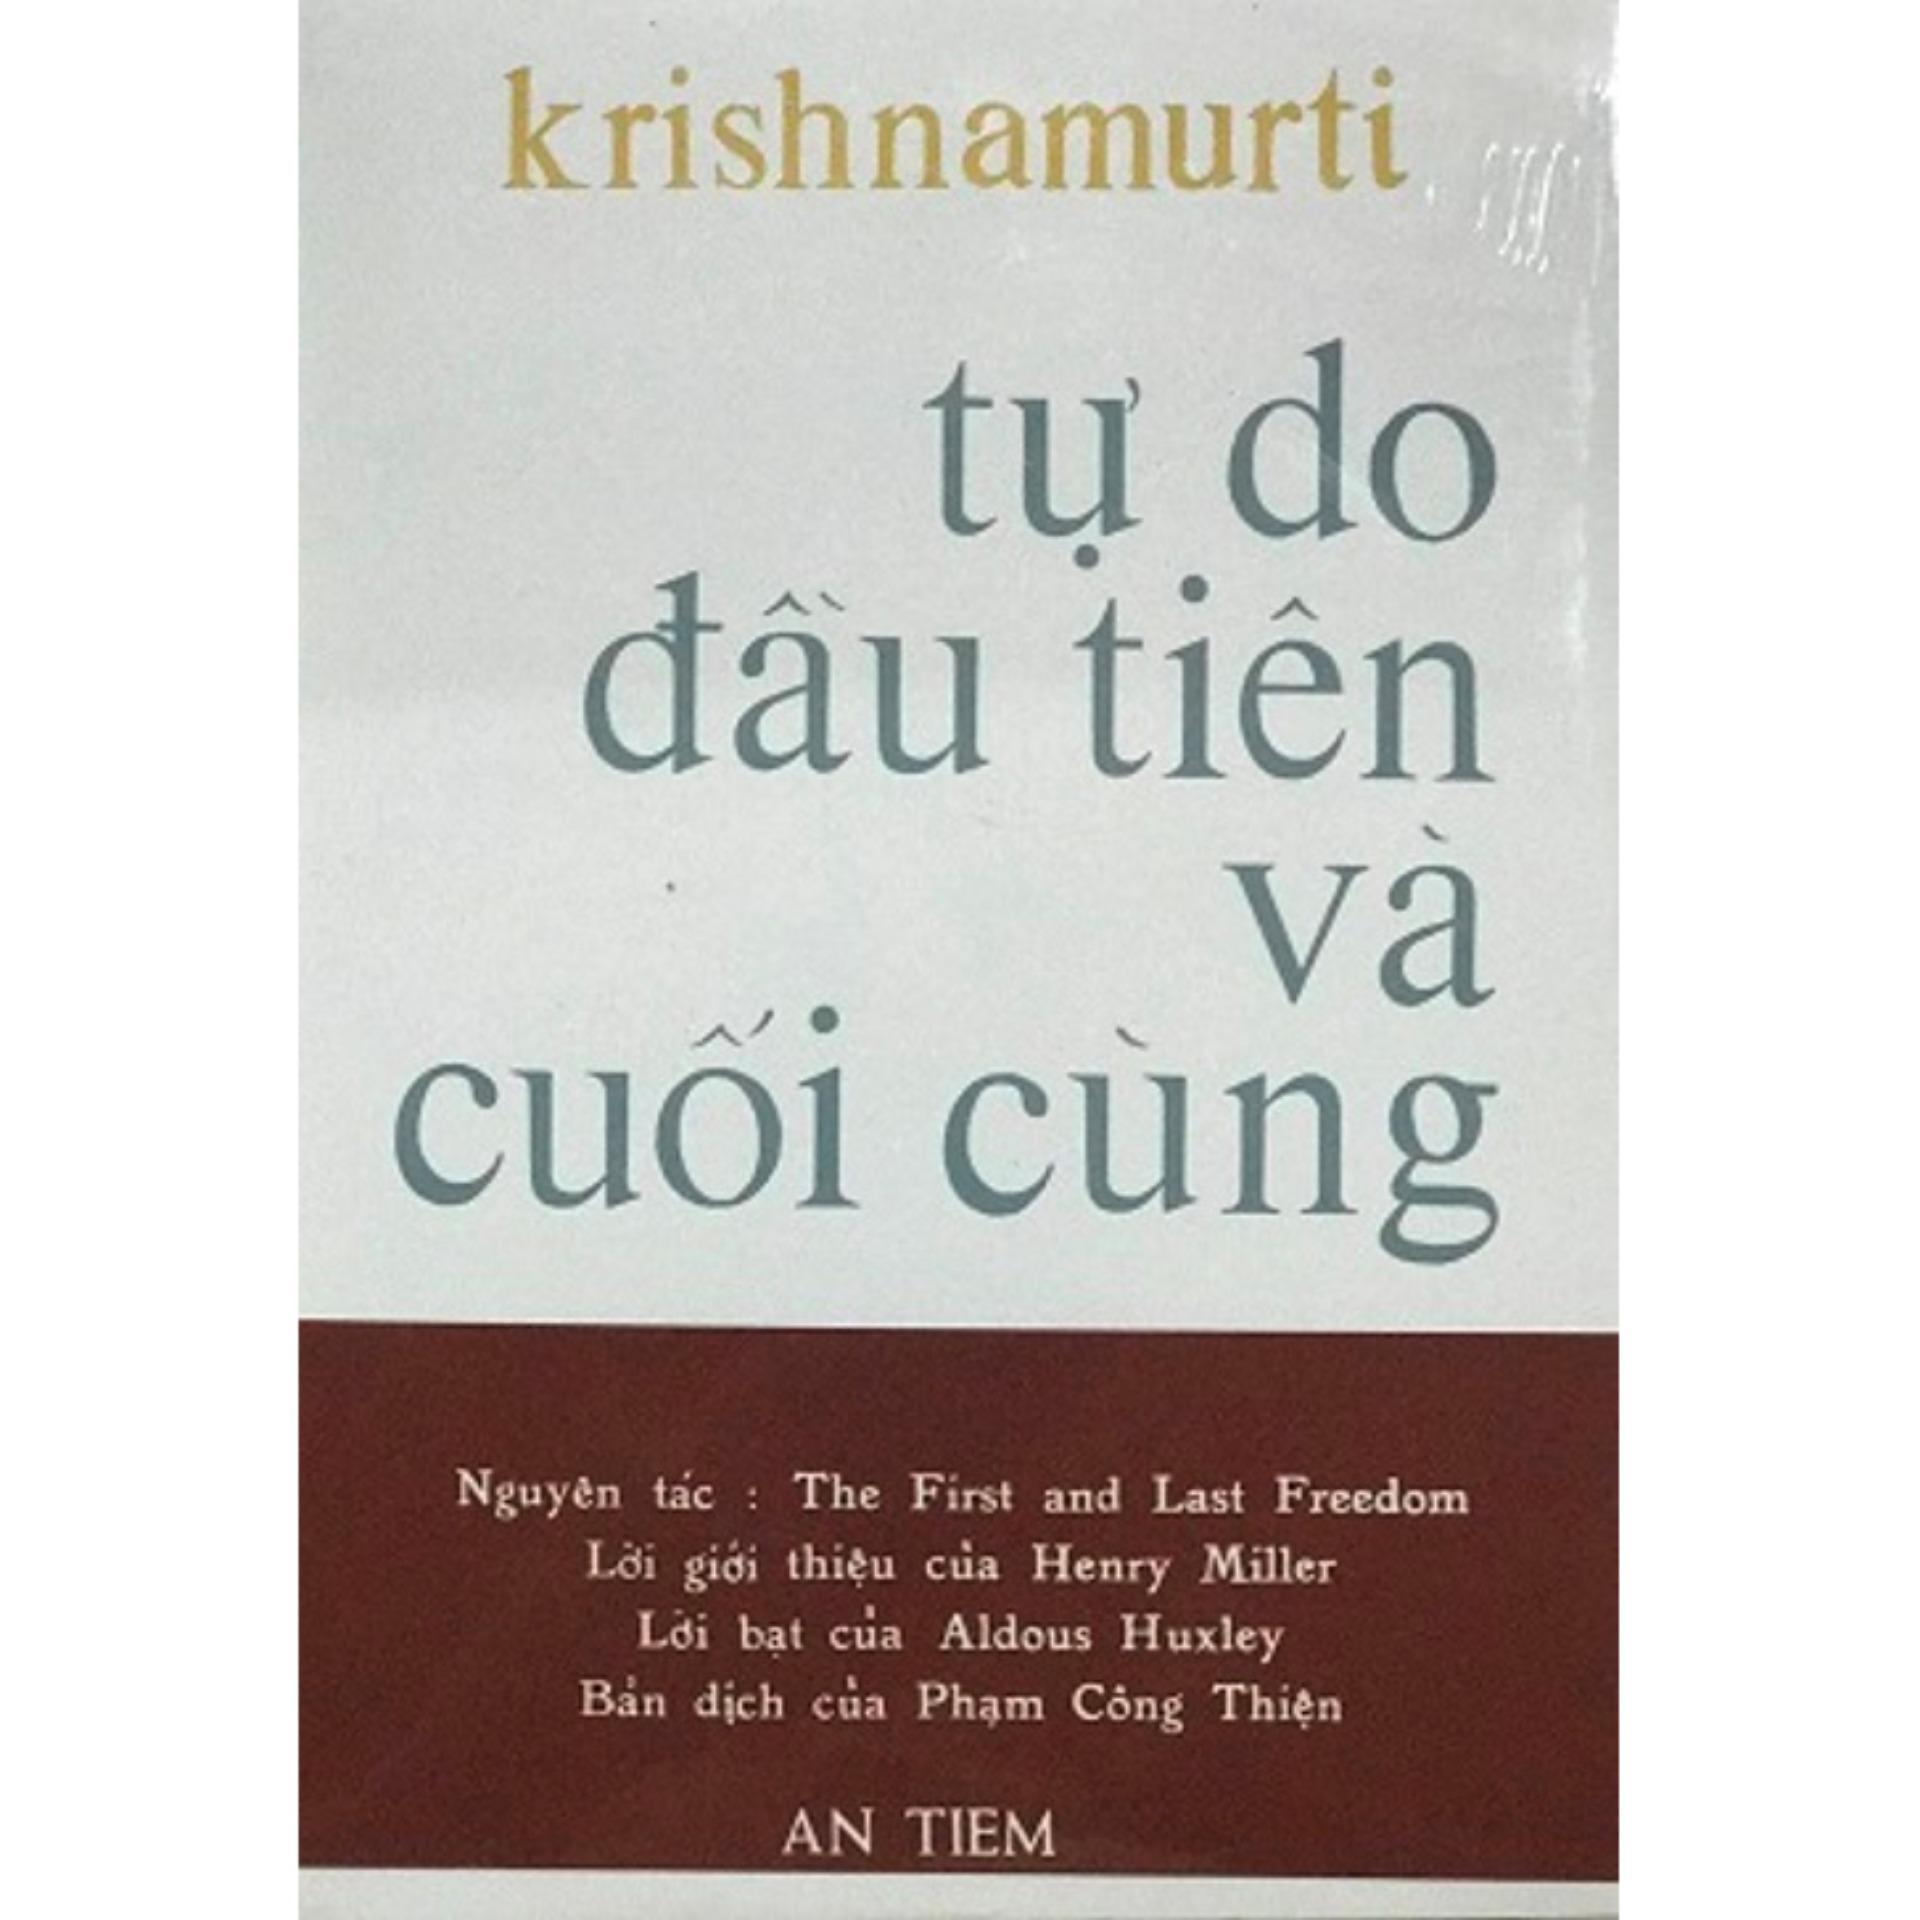 Mua Tự Do Đầu Tiên Và Cuối Cùng - Phạm Công Thiện dịch